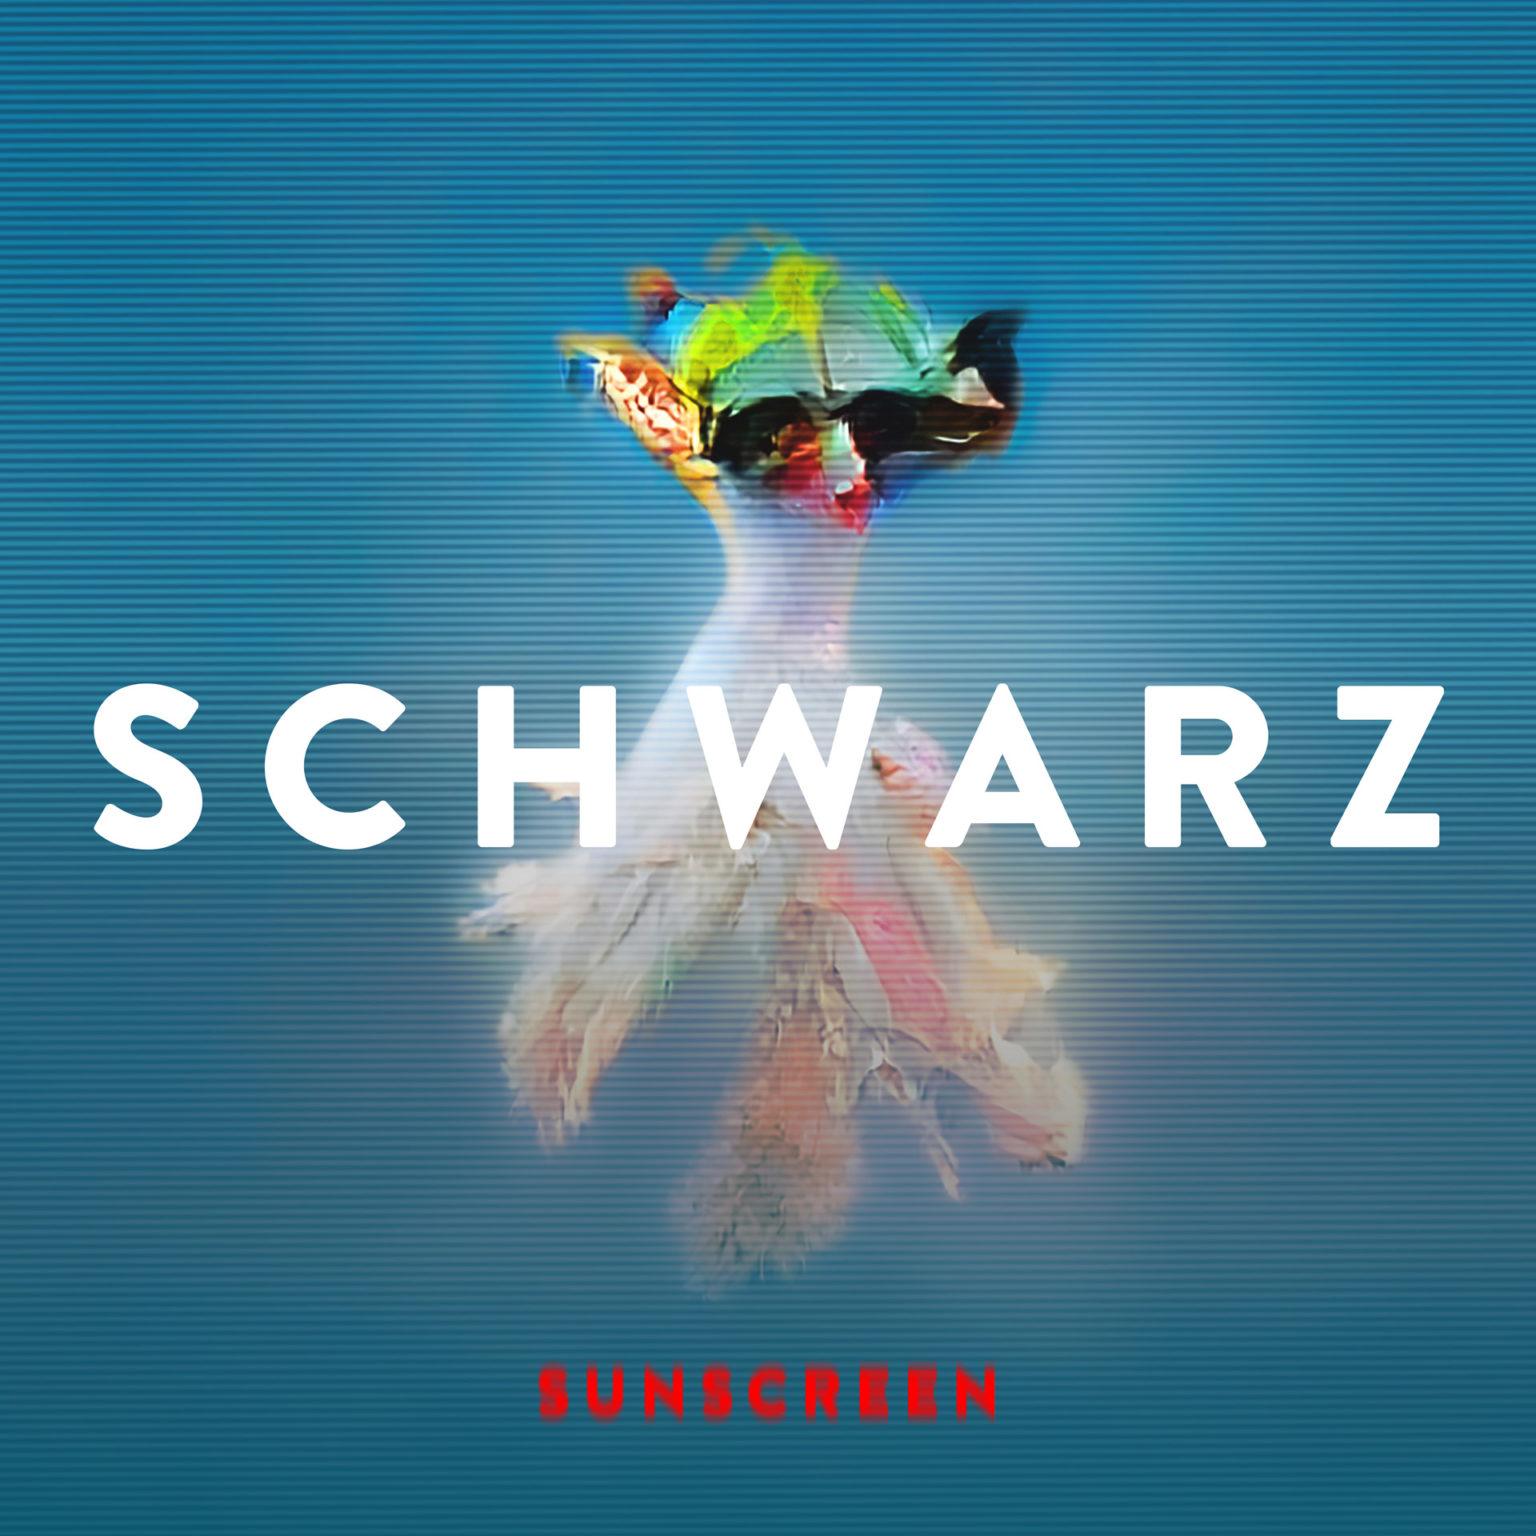 SCHWARZ - Sunscreen - s'läuft! Radio-Promotion